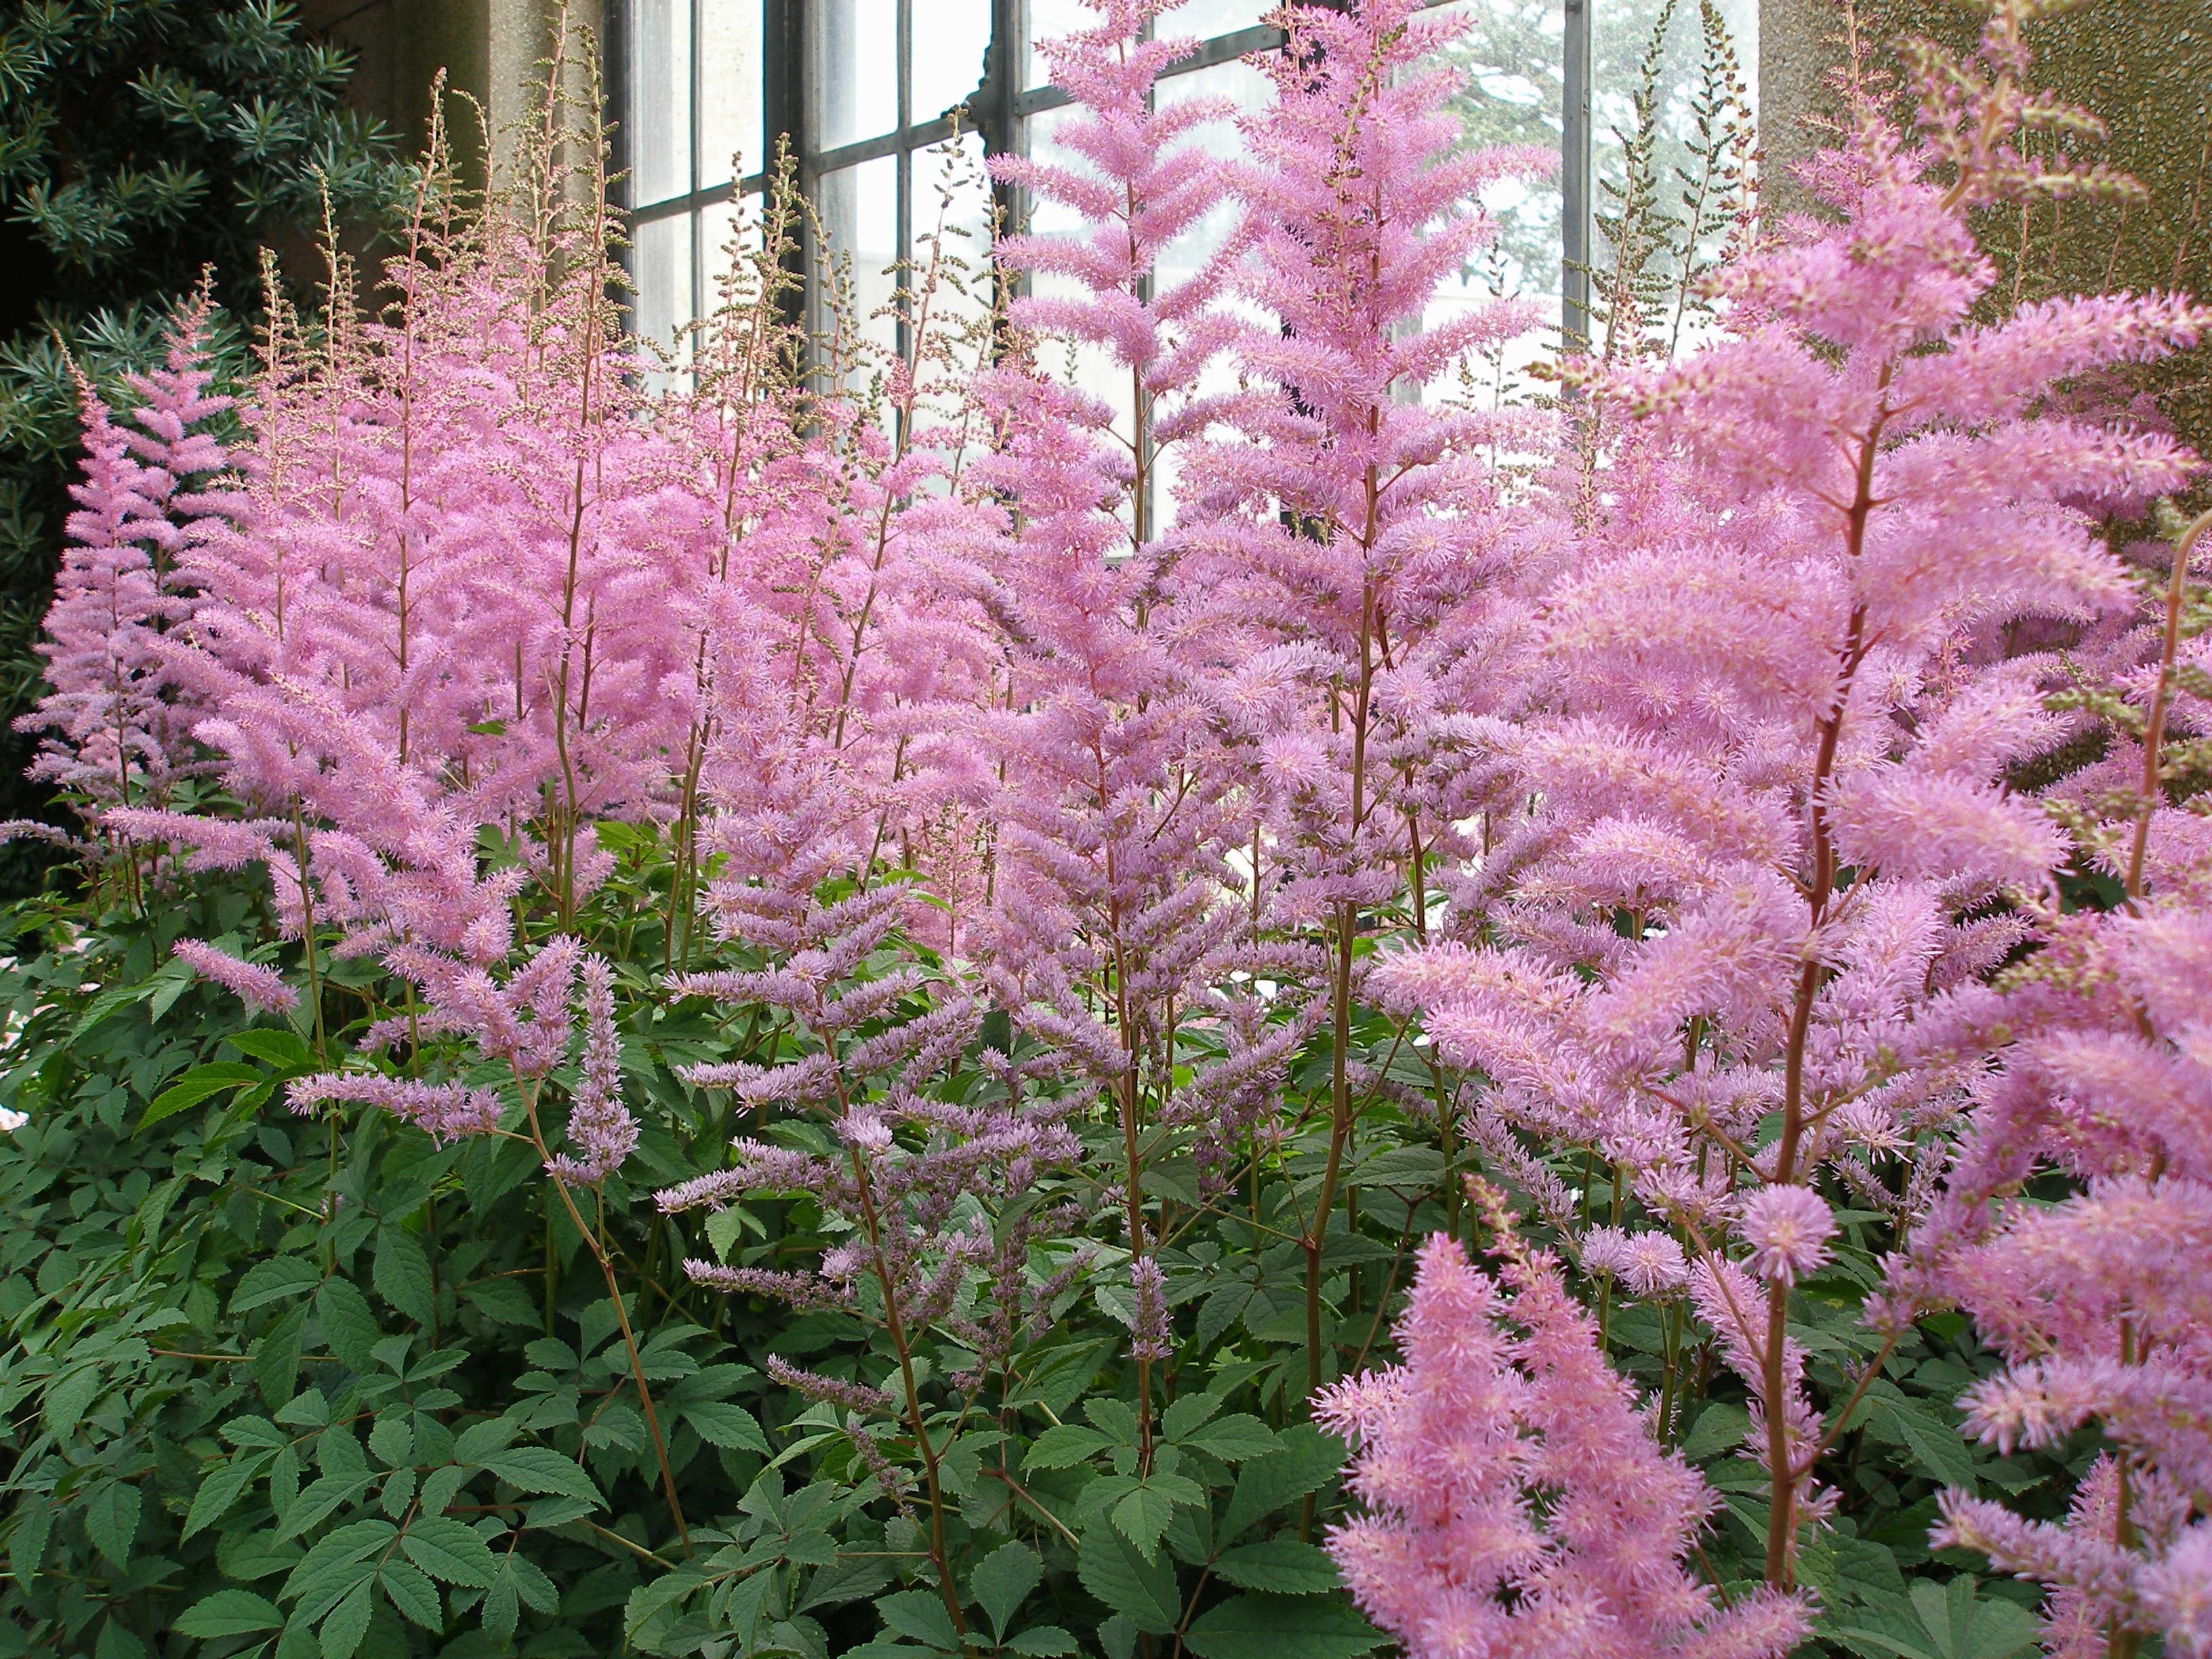 images gratuites : fleur, été, herbe, botanique, épanouissement